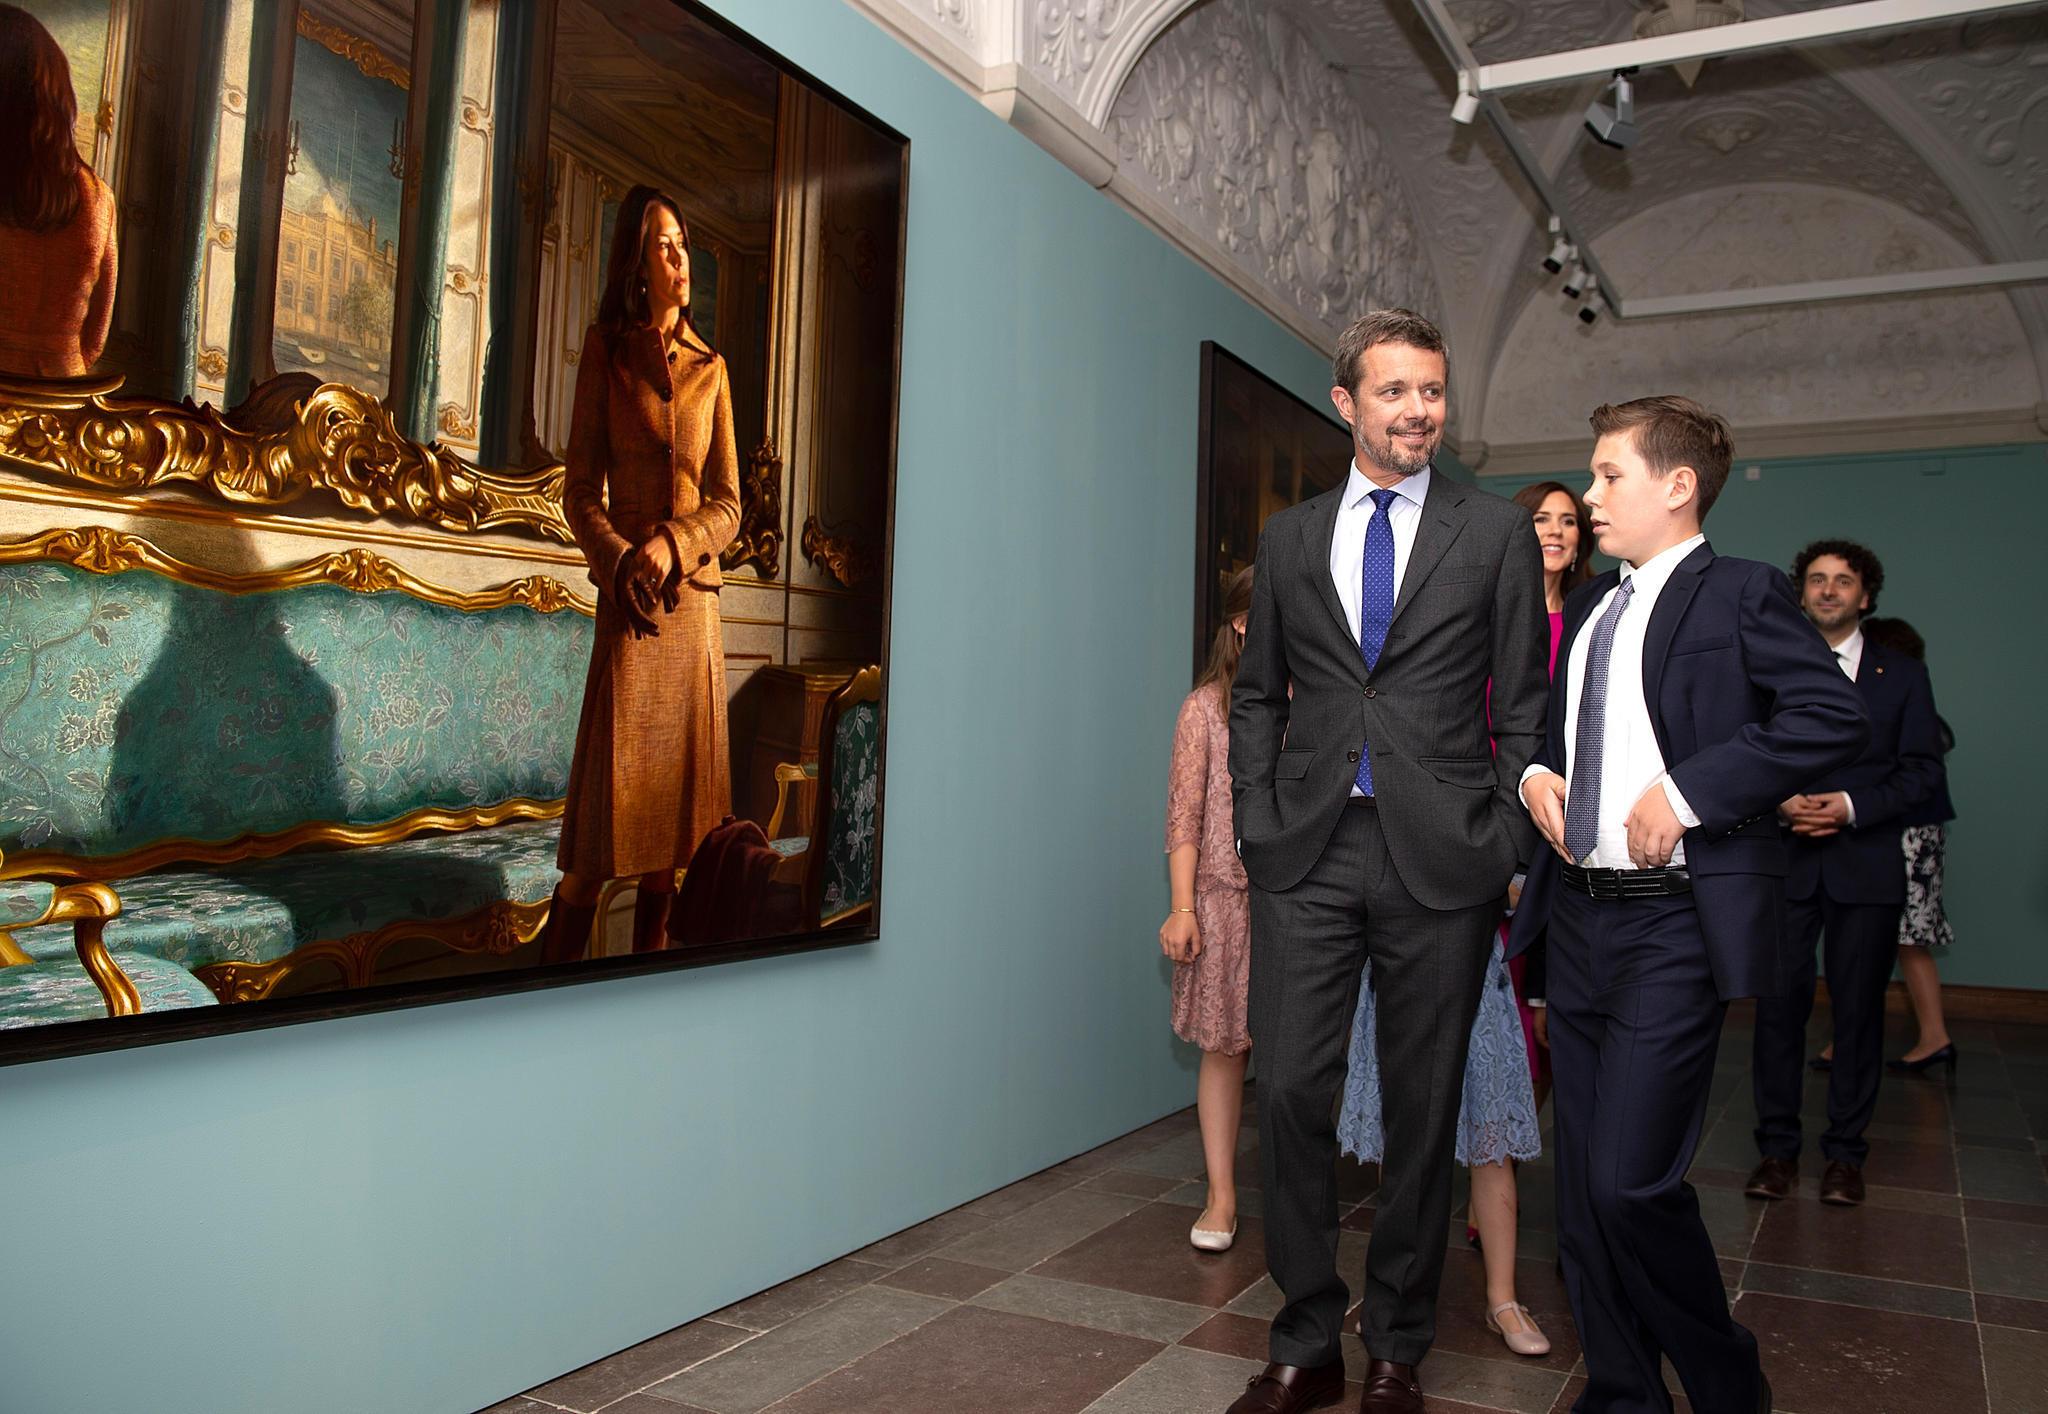 Prinz Frederik und sein Nachfolger, Prinz Christian